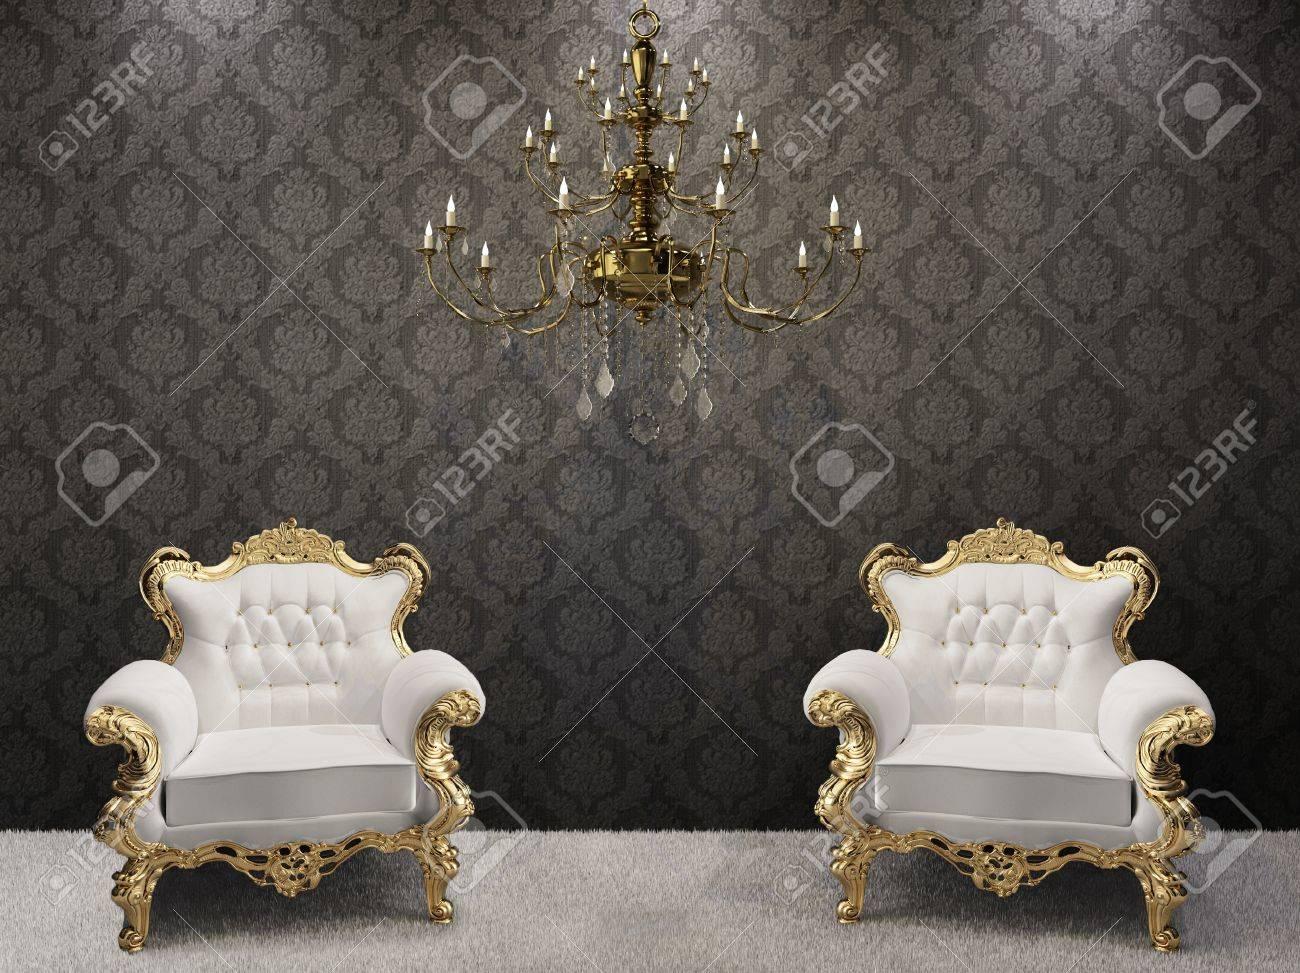 Kronleuchter Barock Schwarz ~ Goldene kronleuchter mit luxuriösen sesseln auf schwarz ornament